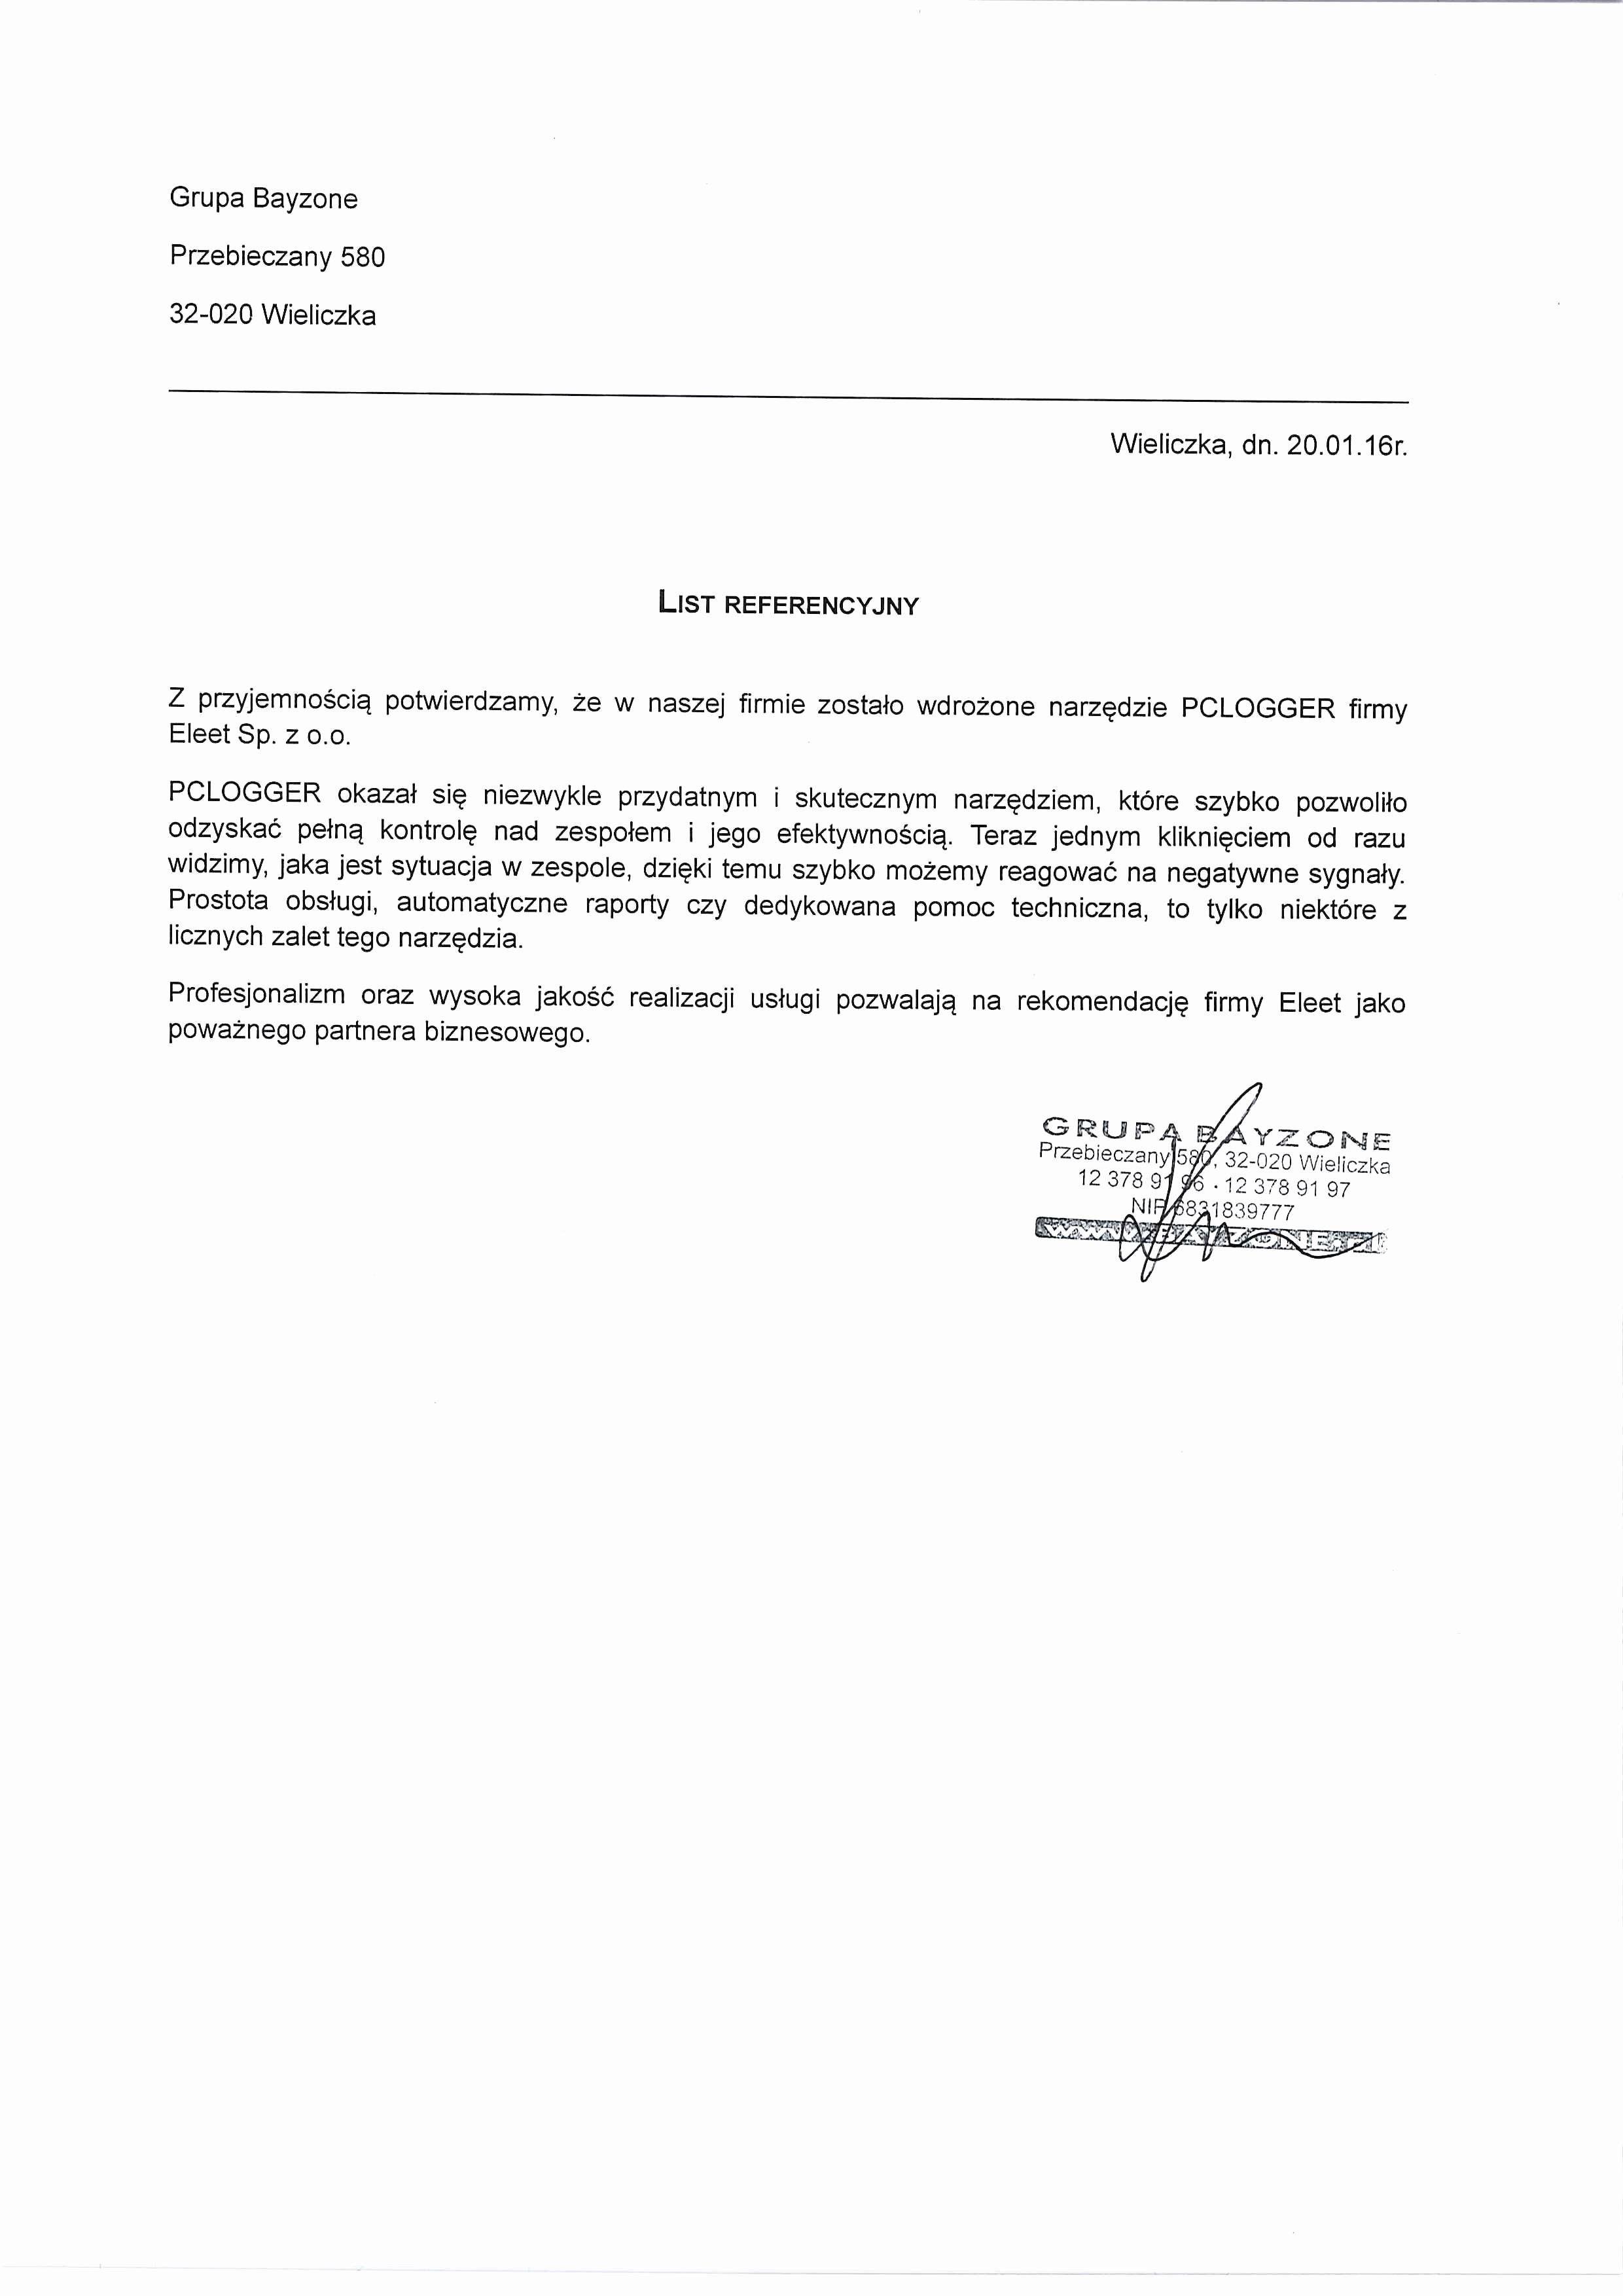 resume cover letter for radiologic technologist